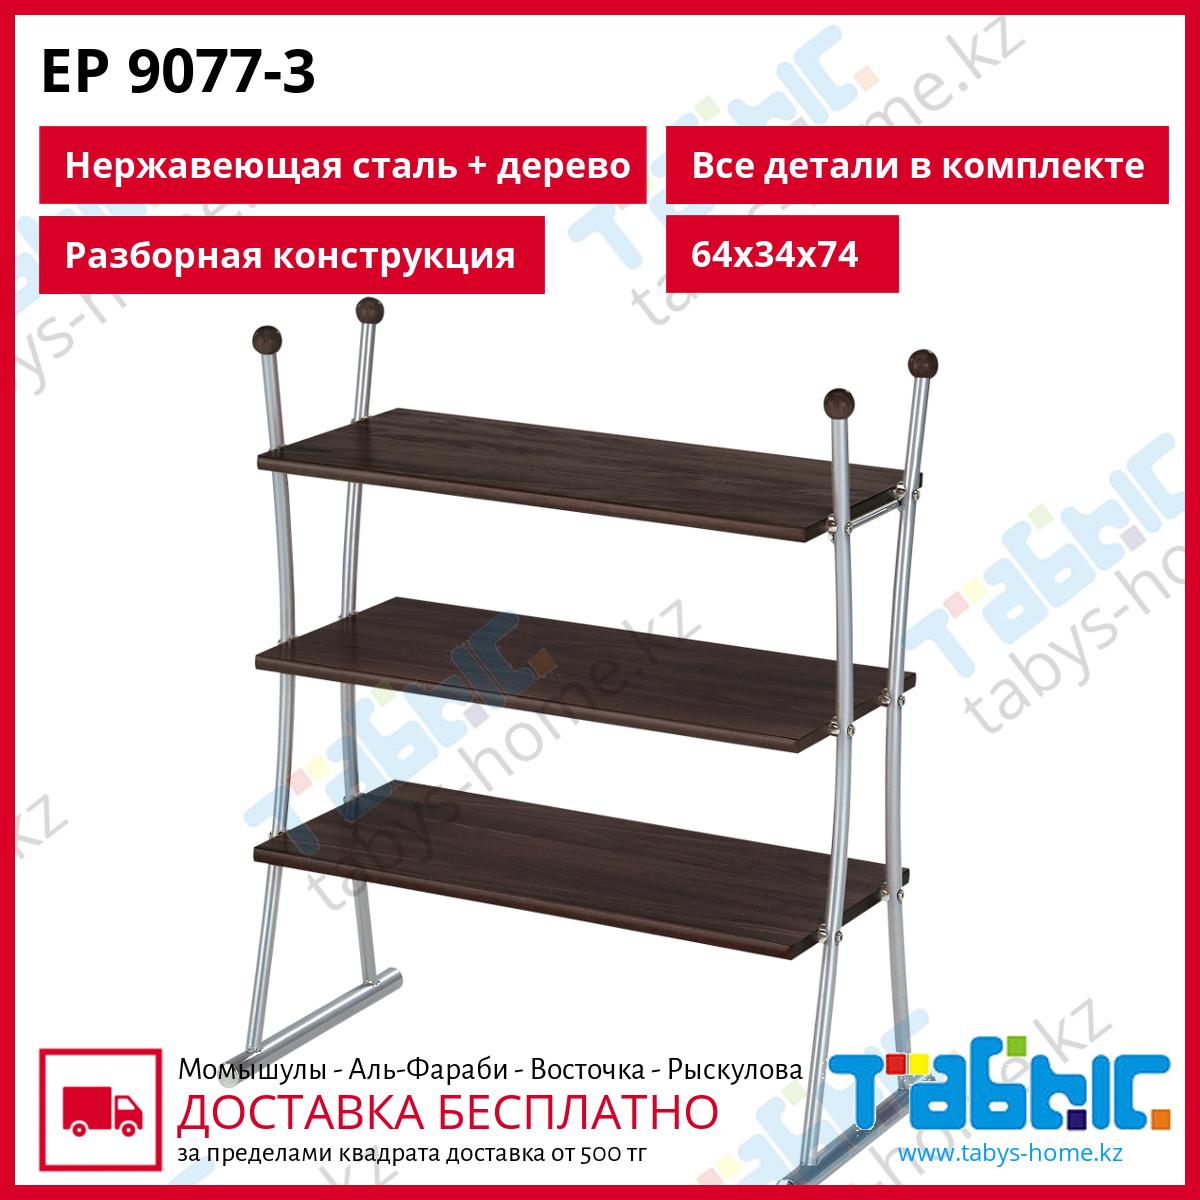 Полки для обуви из 3-х полок Табыс EP 9077-3 (темный оттенок коричневого)